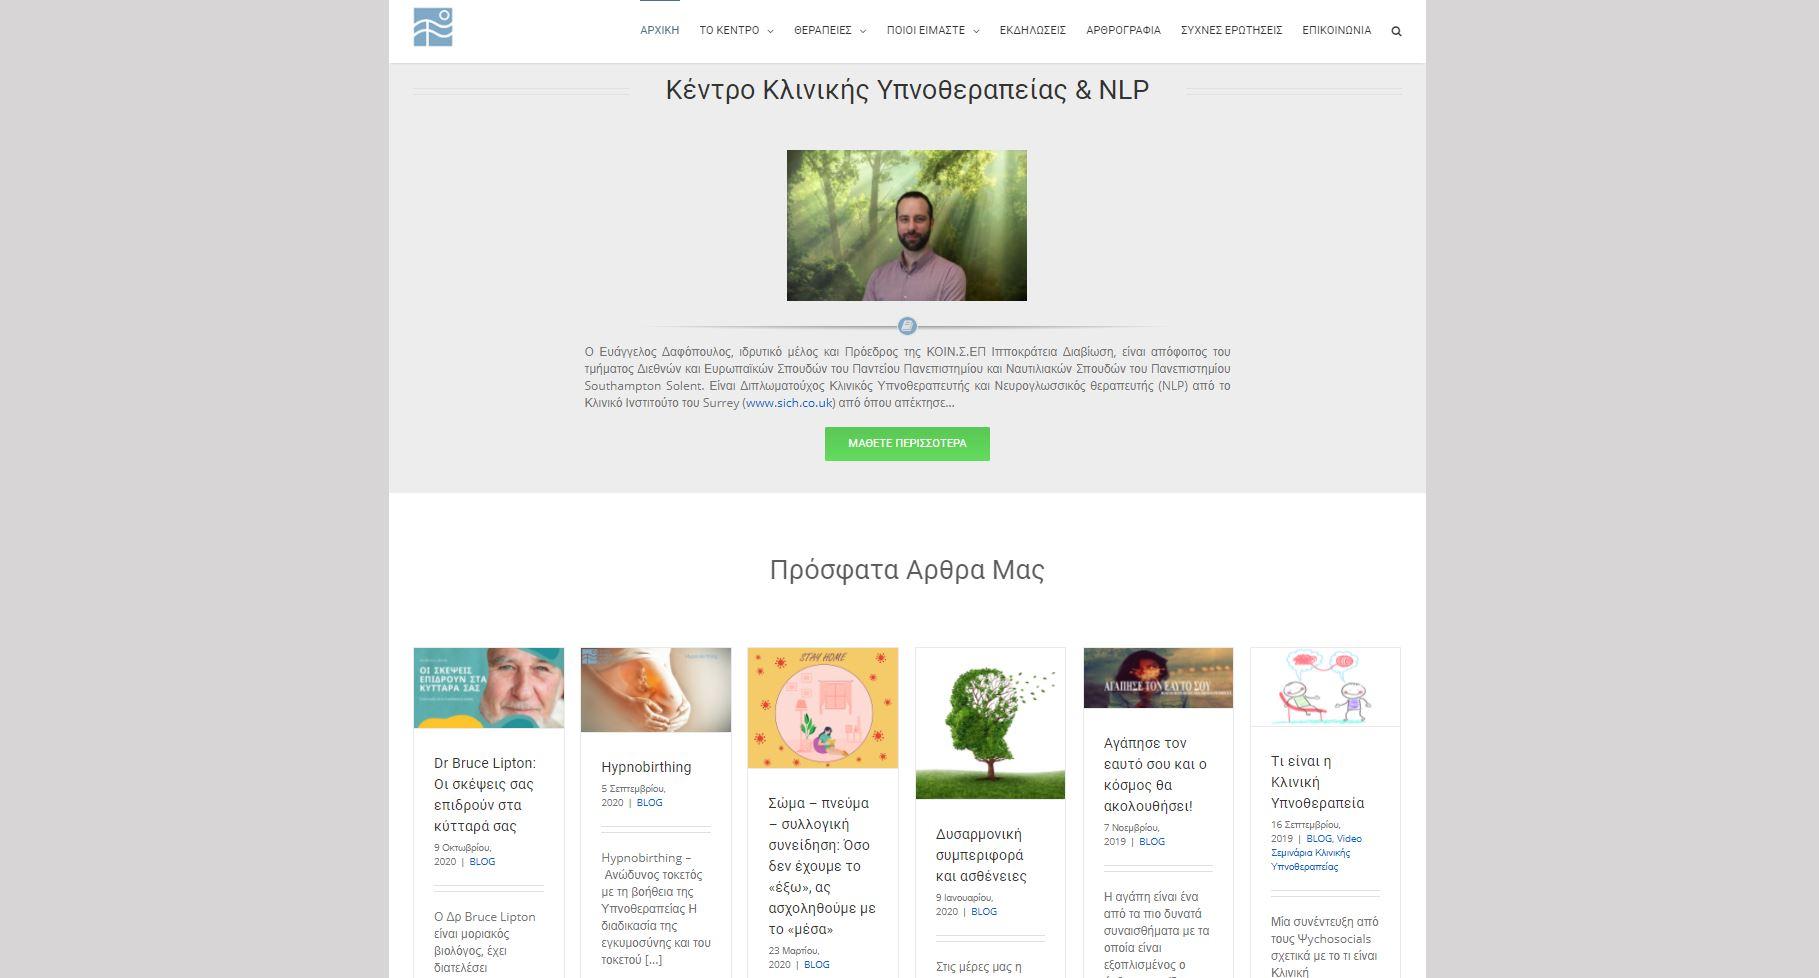 Κατασκευή ιστοσελίδας θεραπευτικού αντικειμένου 03